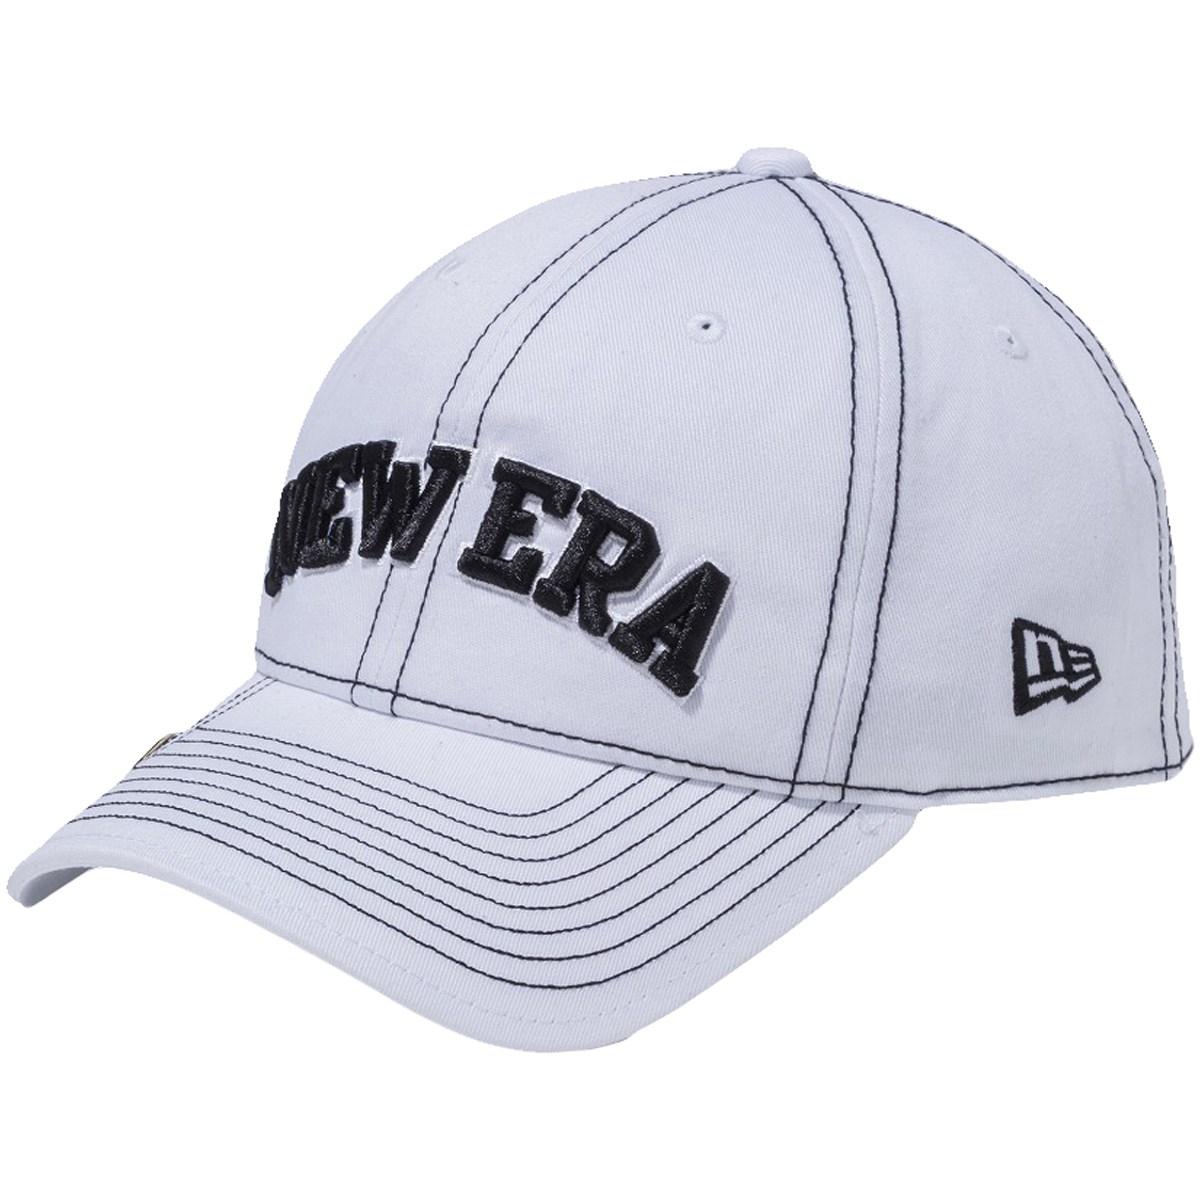 ニューエラ ゴルフライン GOLF 920 OP CTN キャップ フリー ホワイト